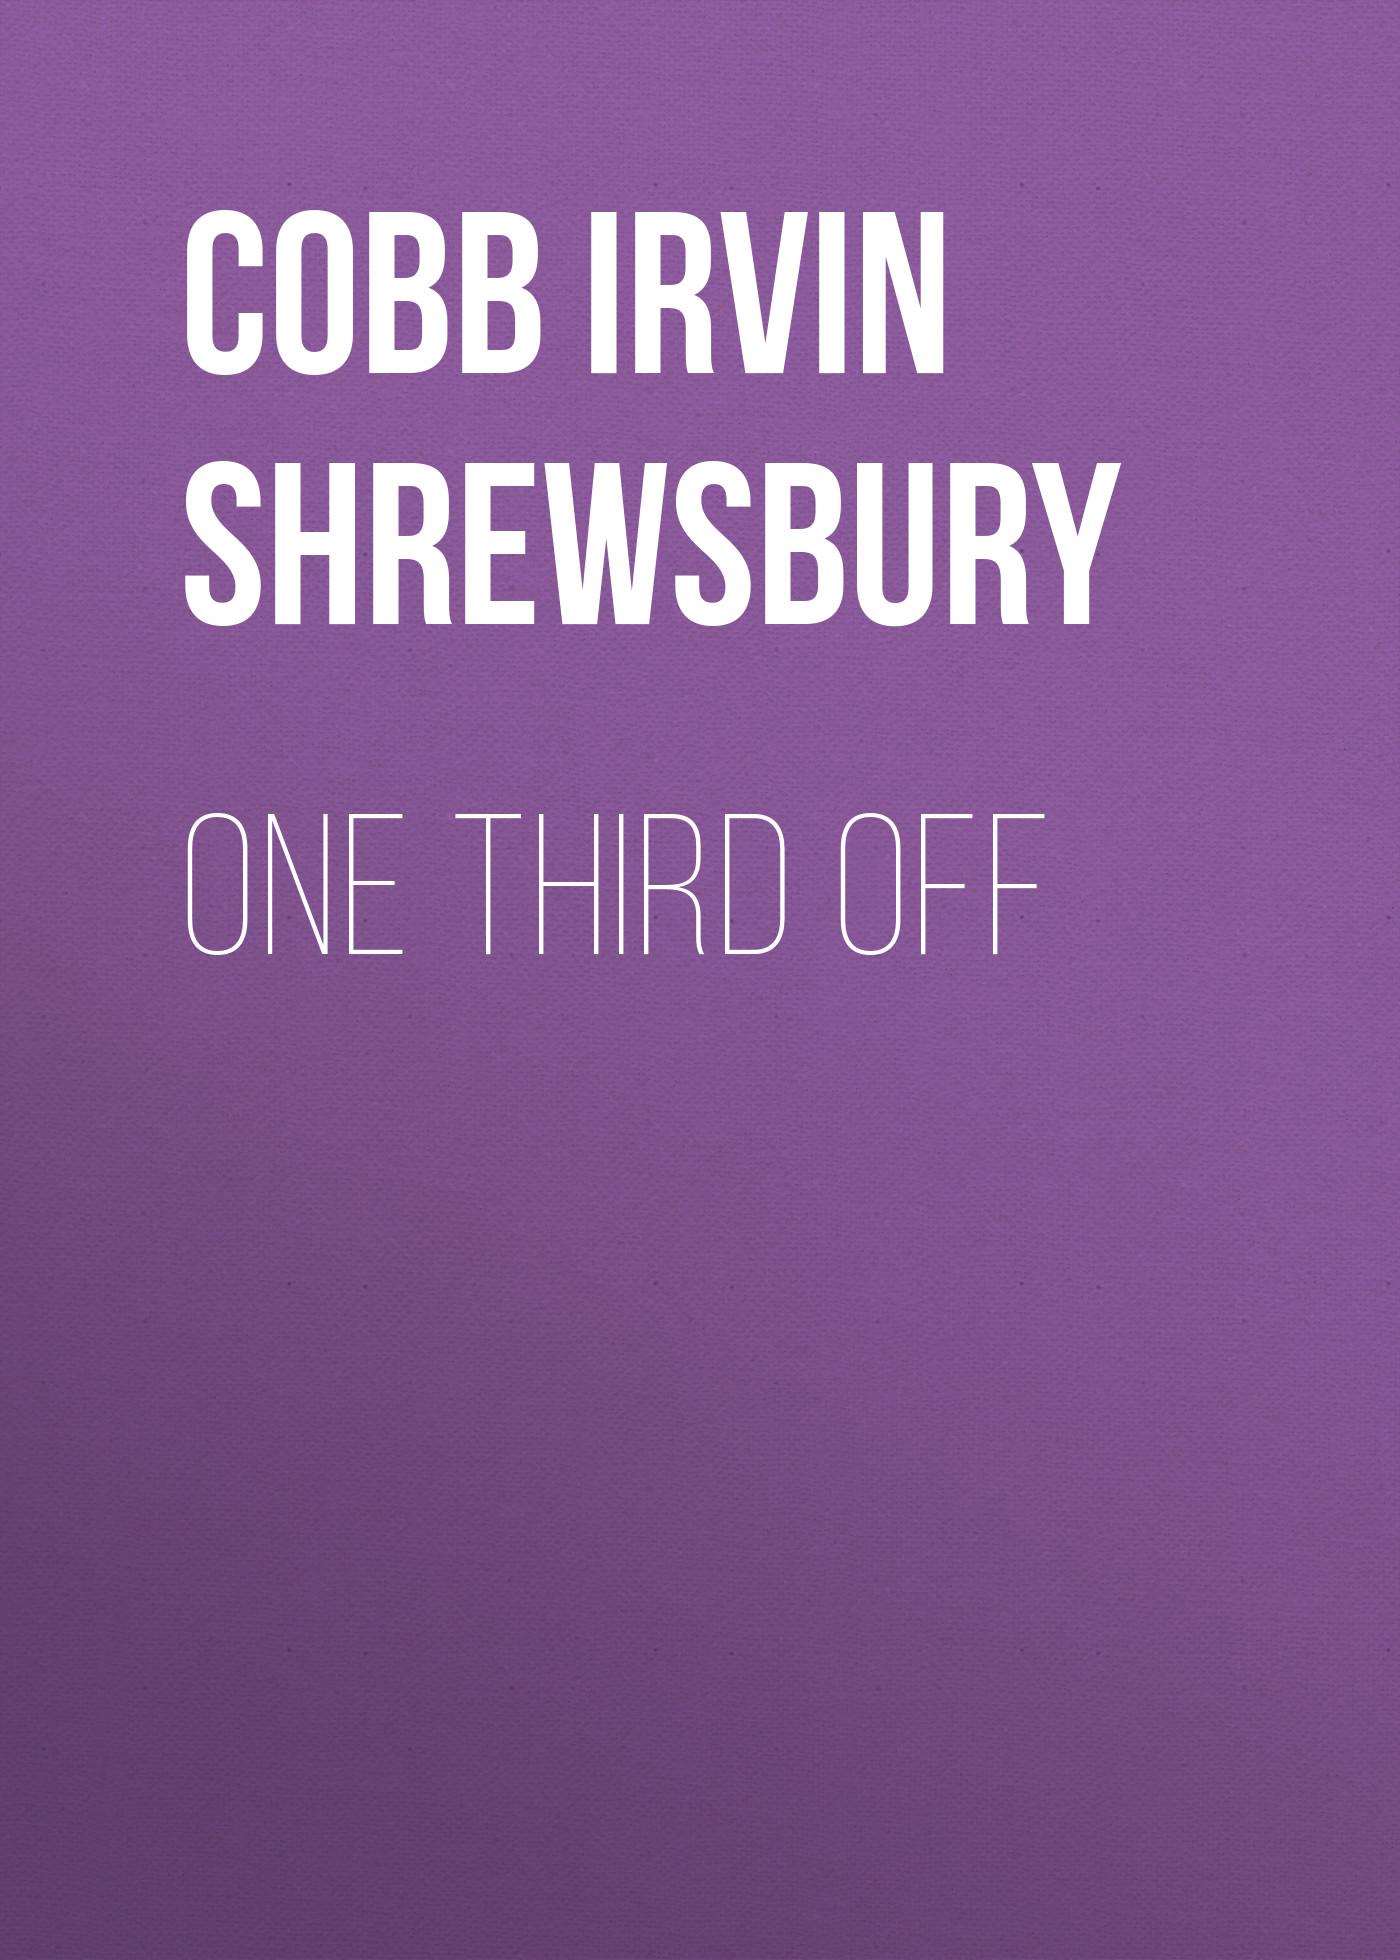 где купить Cobb Irvin Shrewsbury One Third Off по лучшей цене